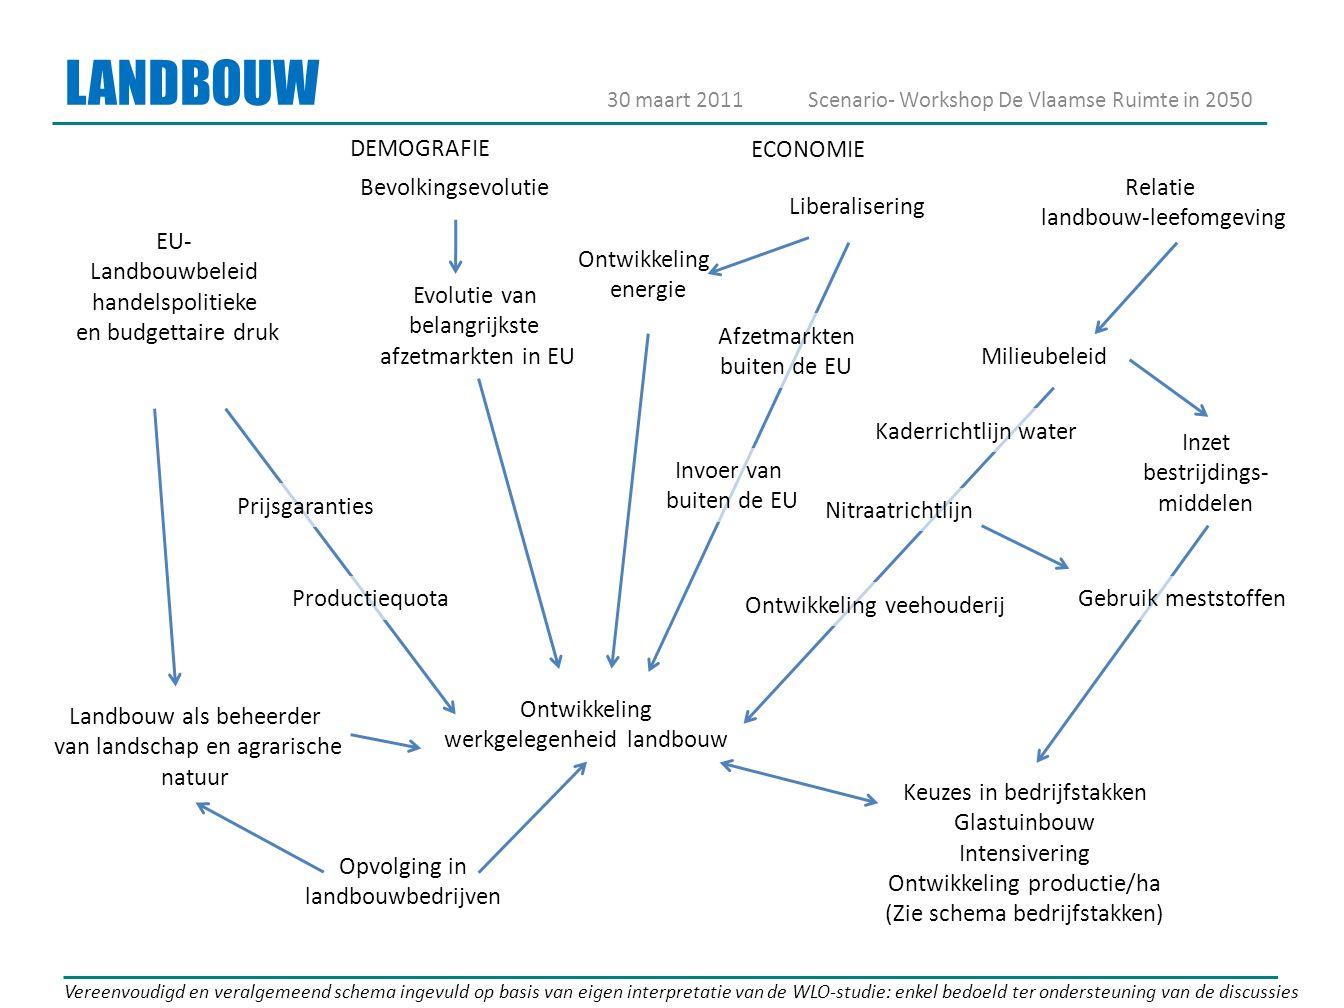 LANDBOUW Evolutie van belangrijkste afzetmarkten in EU Relatie landbouw-leefomgeving Ontwikkeling werkgelegenheid landbouw Kaderrichtlijn water Milieu